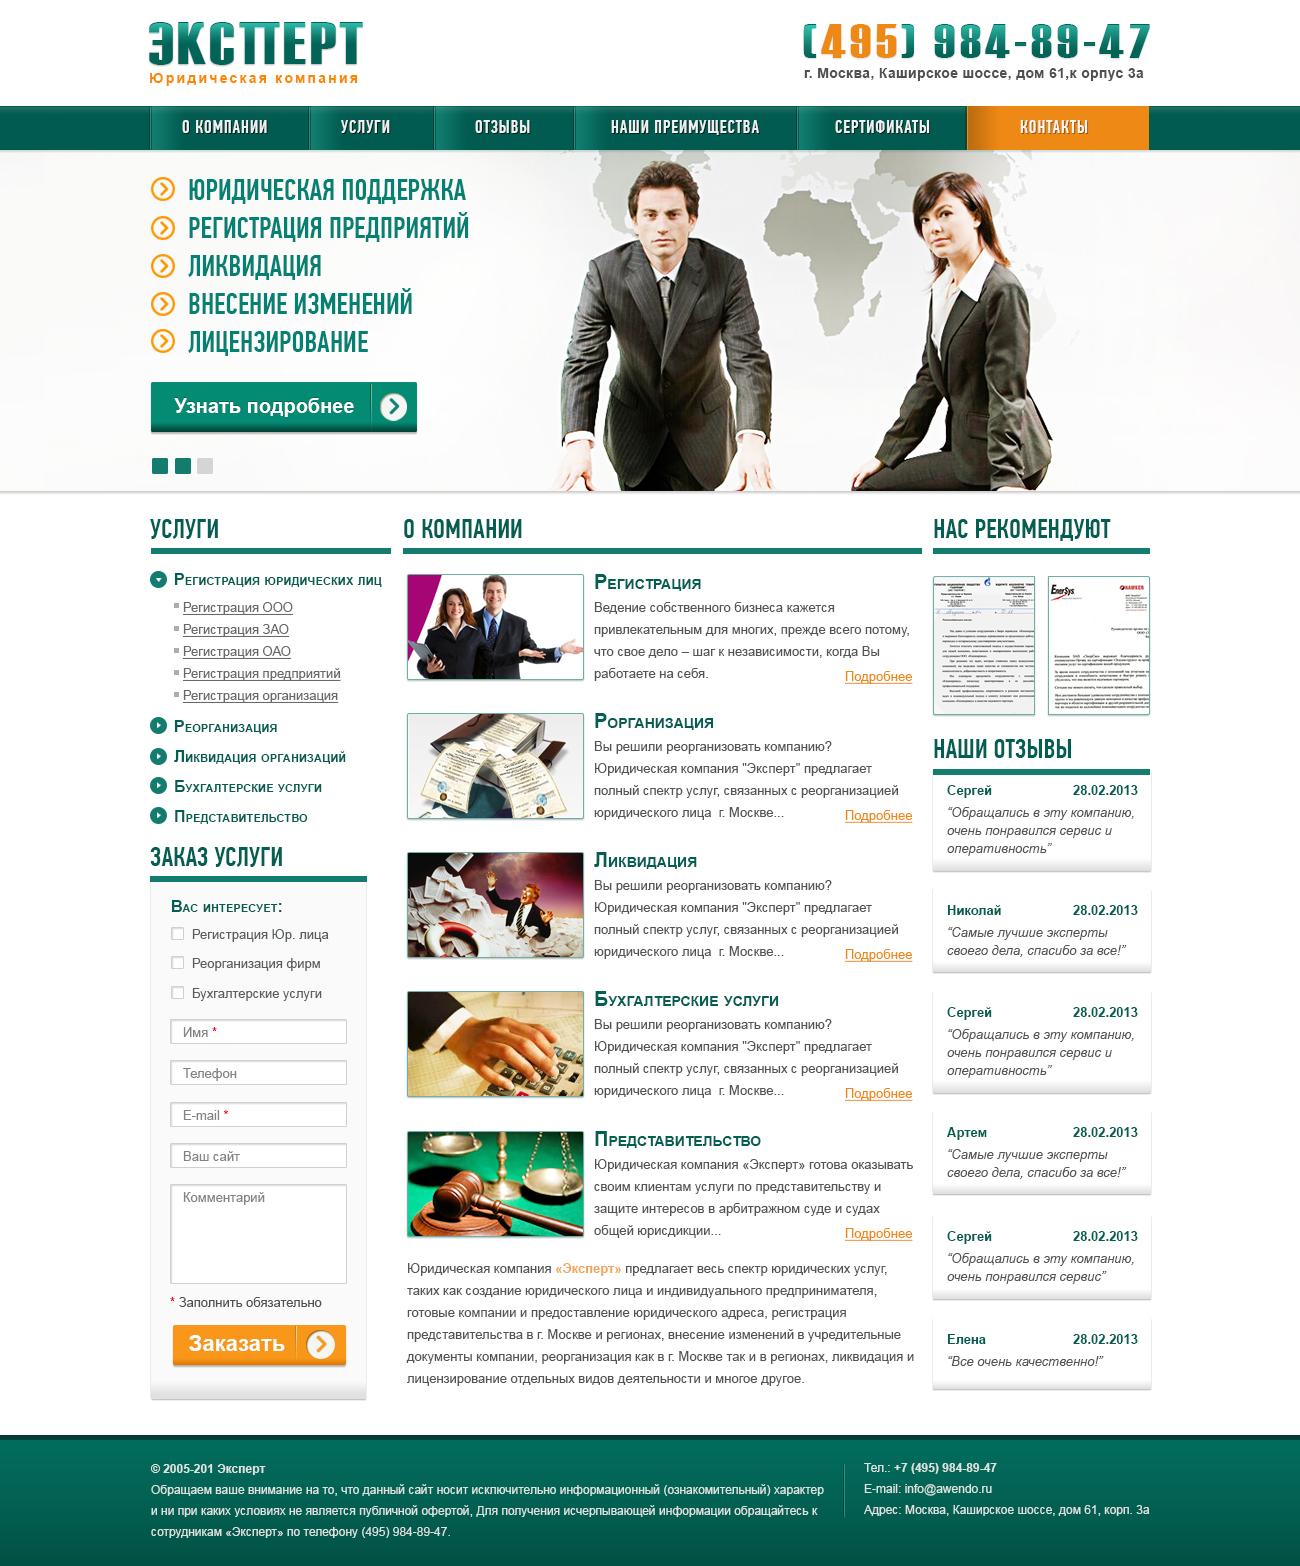 сайт-визитка Юридической компании